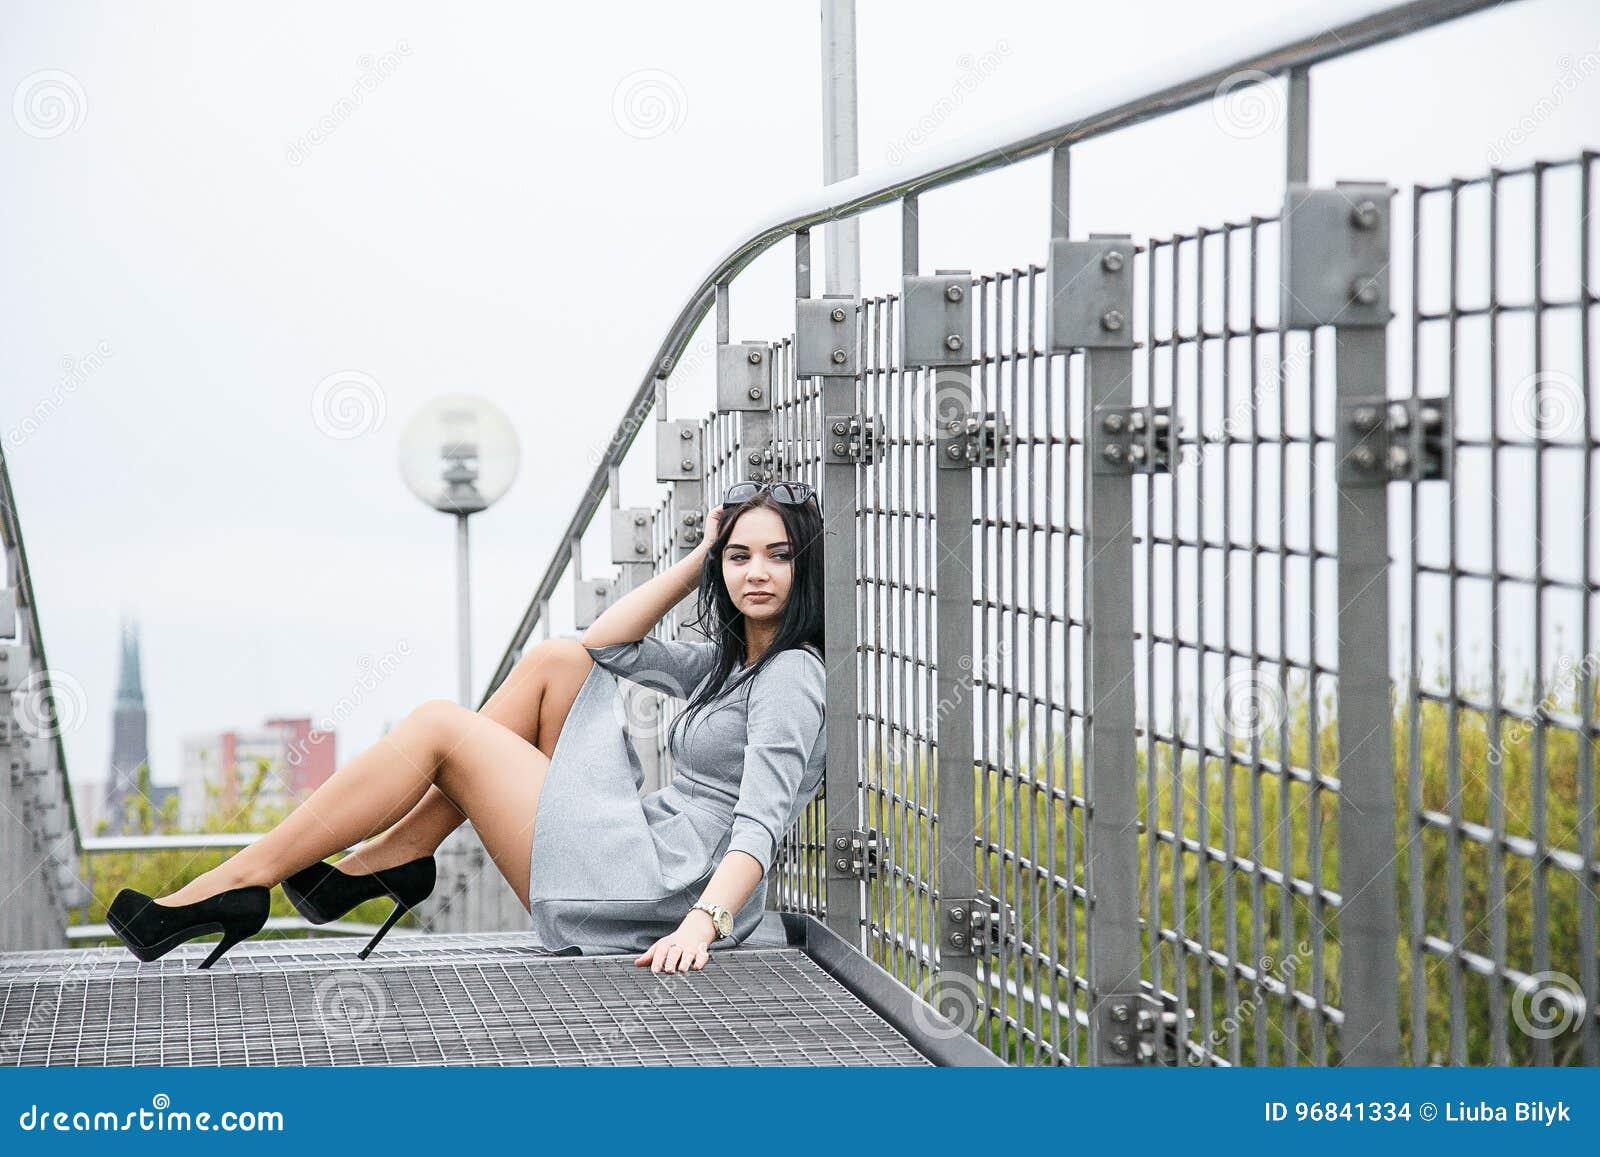 Mädchen im Park/im jungen Mädchen auf einem Weg /Warsaw/